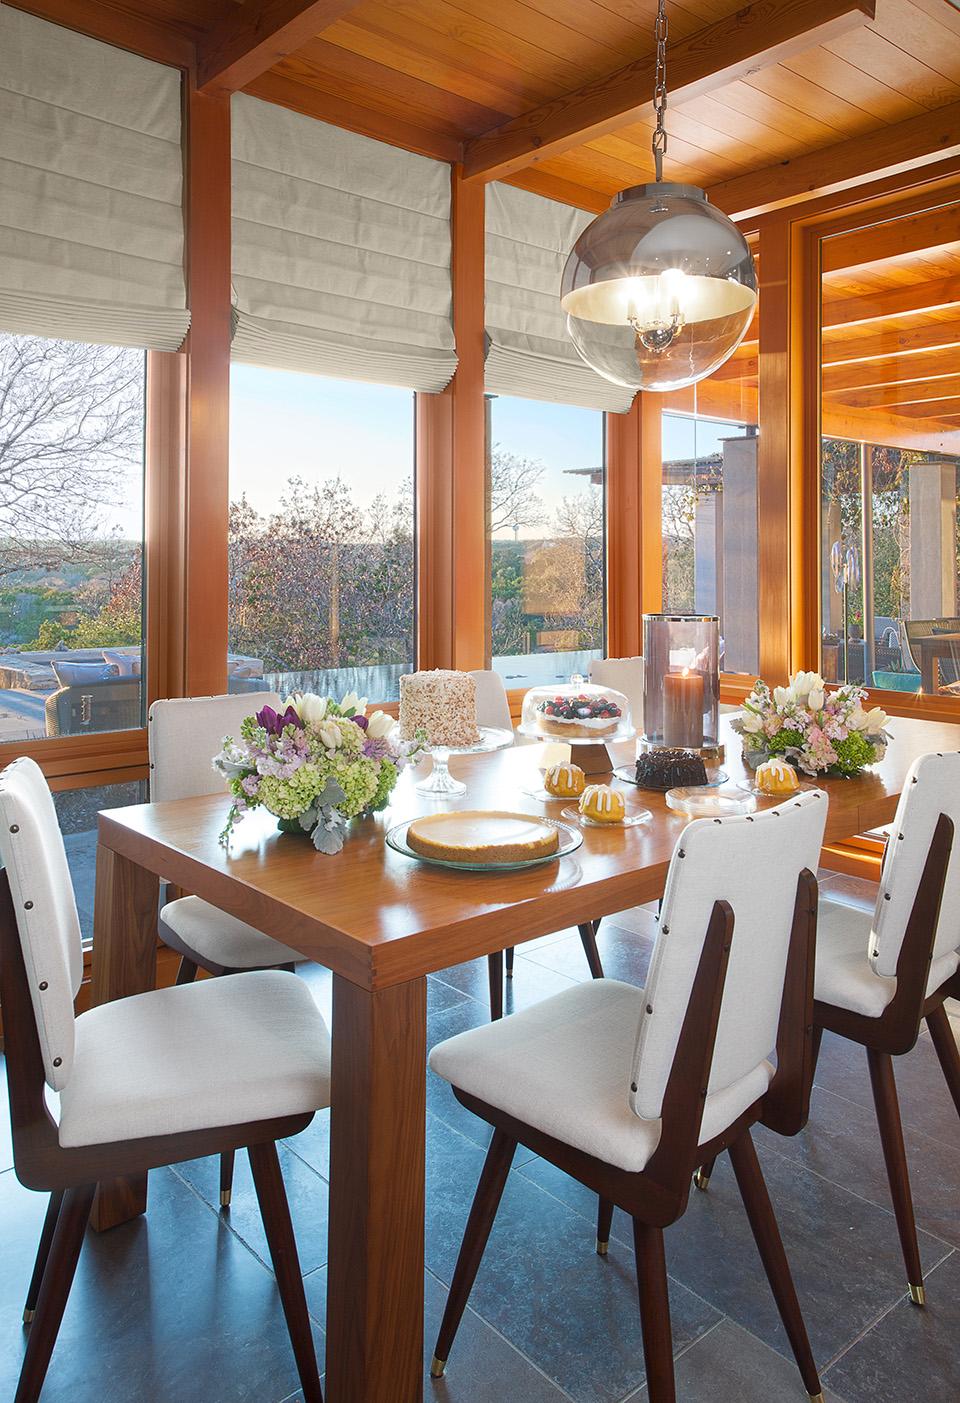 interior-design-dining-room.jpg